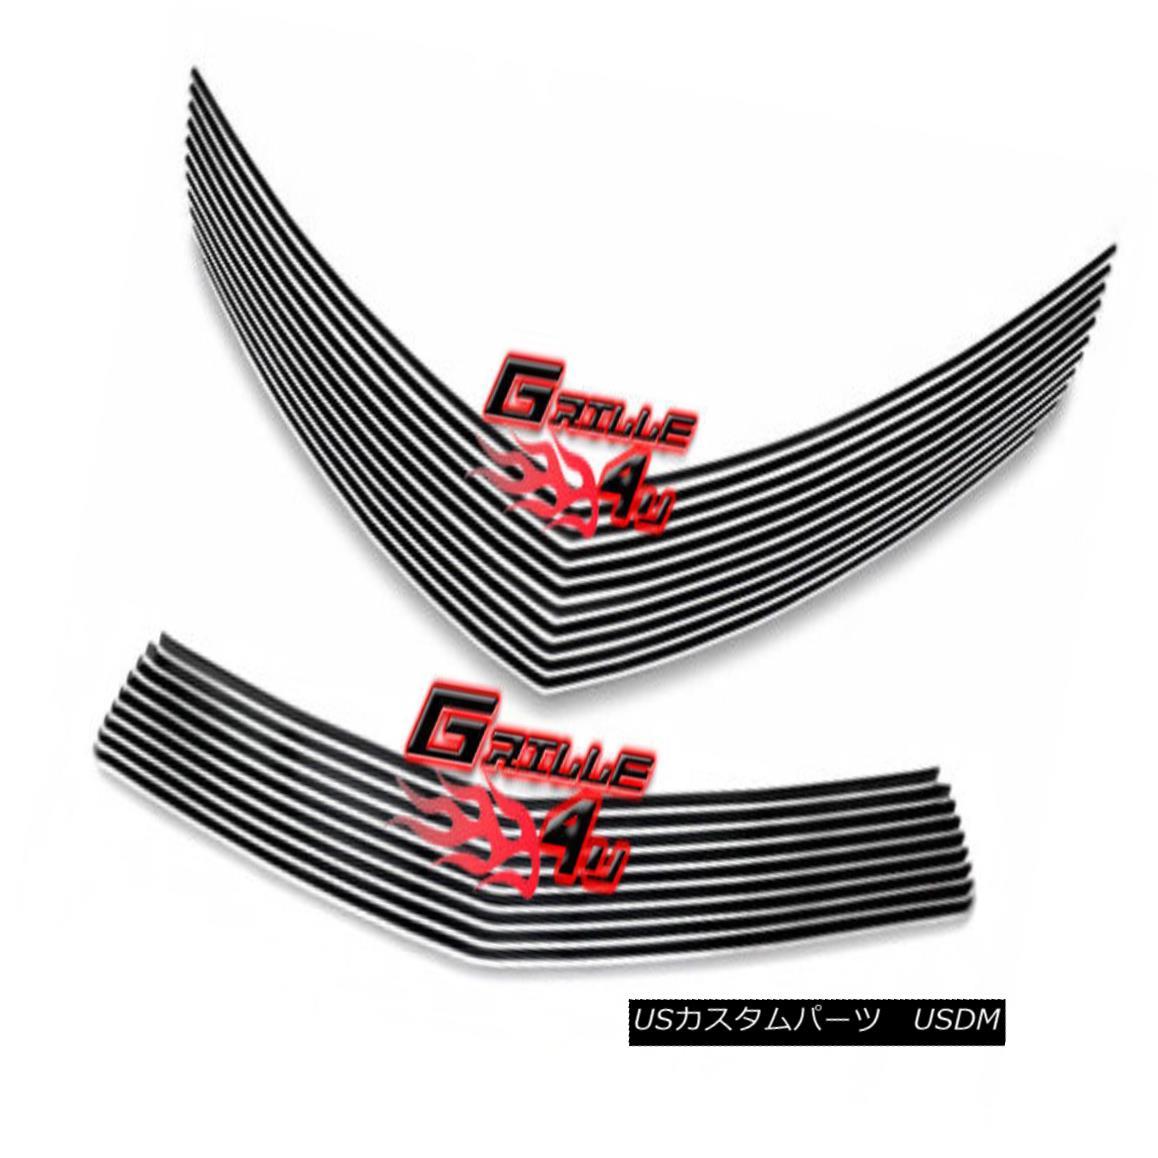 グリル 2010-2013 Chevy Camaro LT/LS V6 Phantom Style Billet Premium Grille Combo 2010-2013シボレーカマロLT / LS V6ファントムスタイルビレットプレミアムグリルコンボ